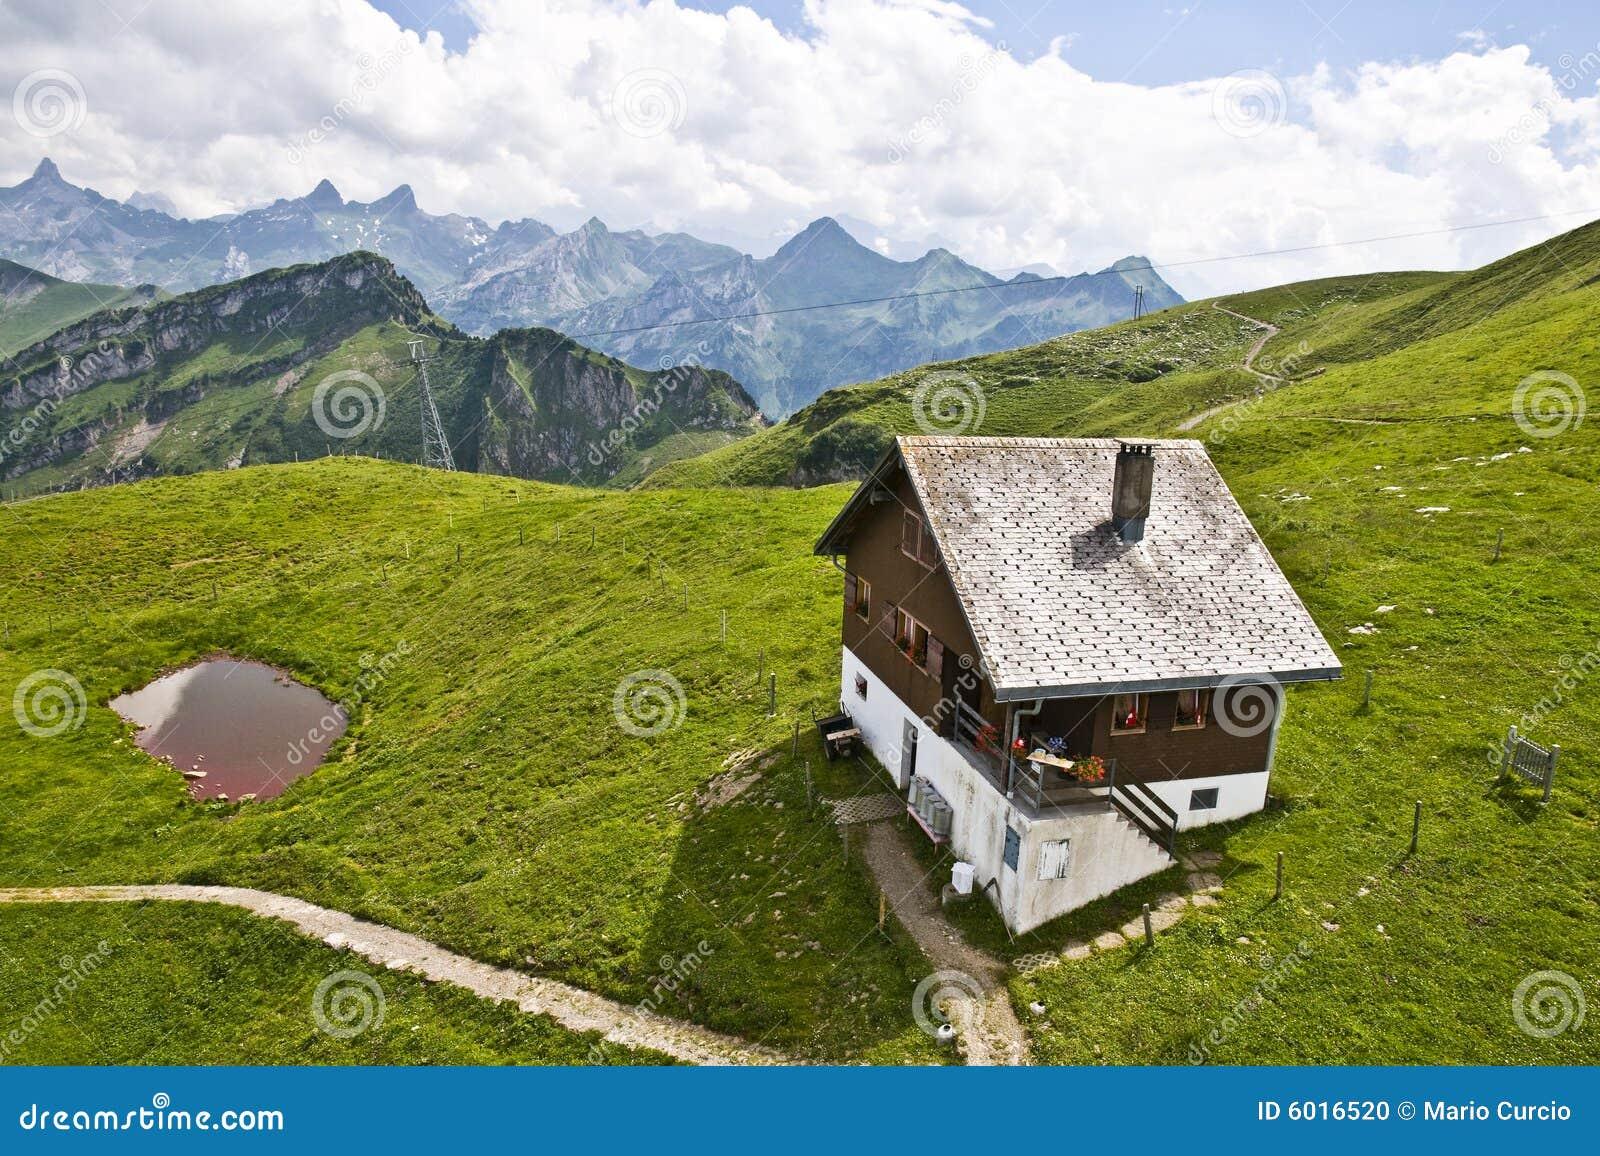 Swiss Mountain House swiss mountain house stock photo - image: 6016520